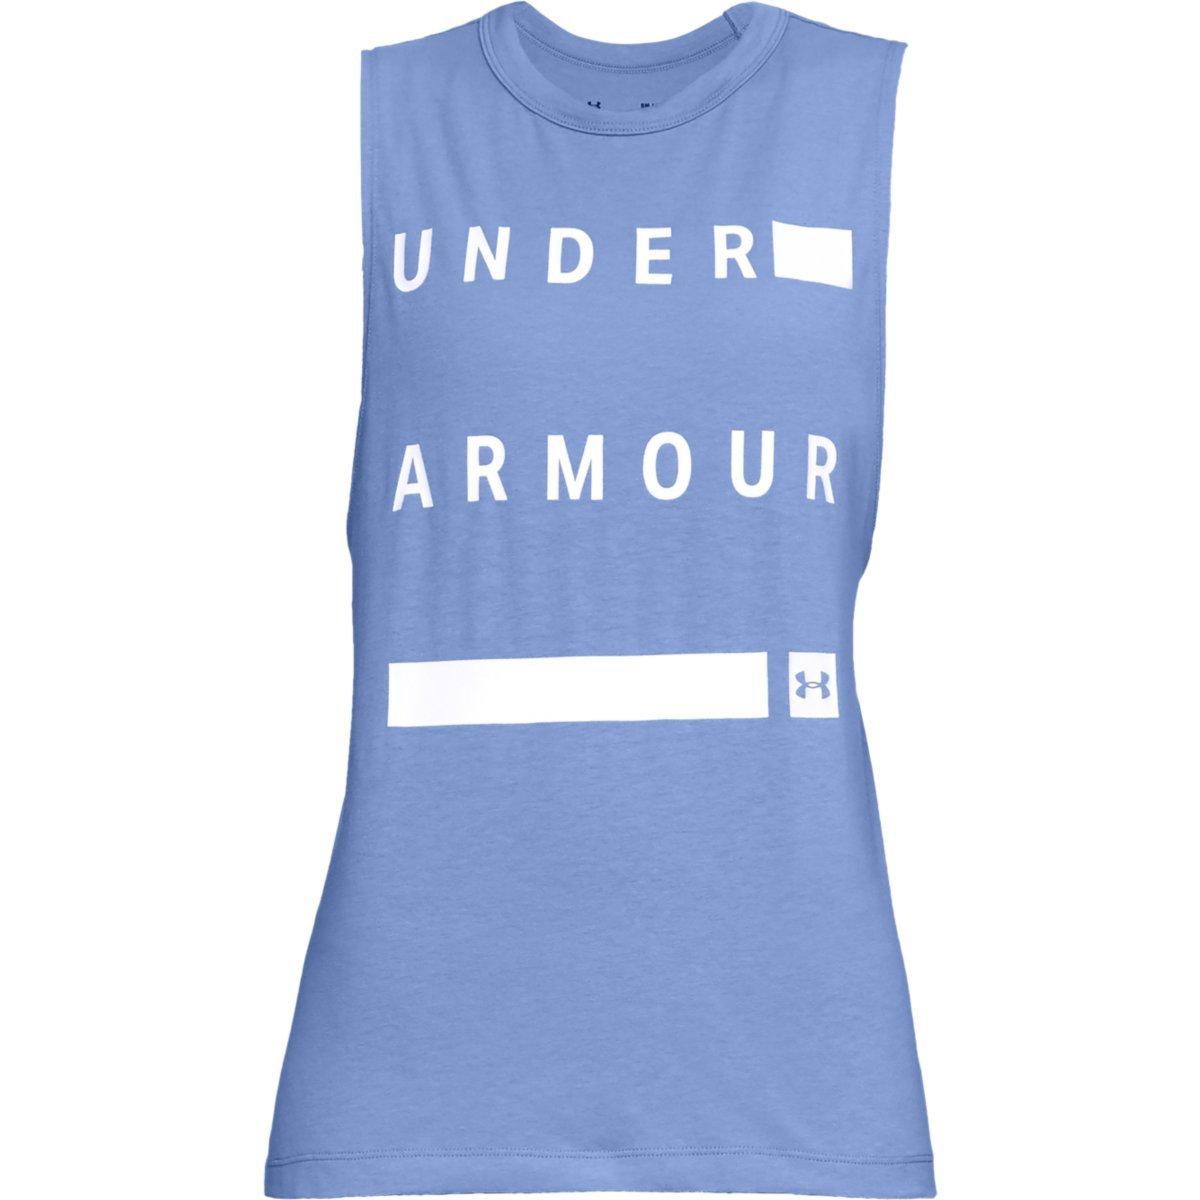 Under Armour Women's Linear Wordmark Muscle Tee - Blue, L